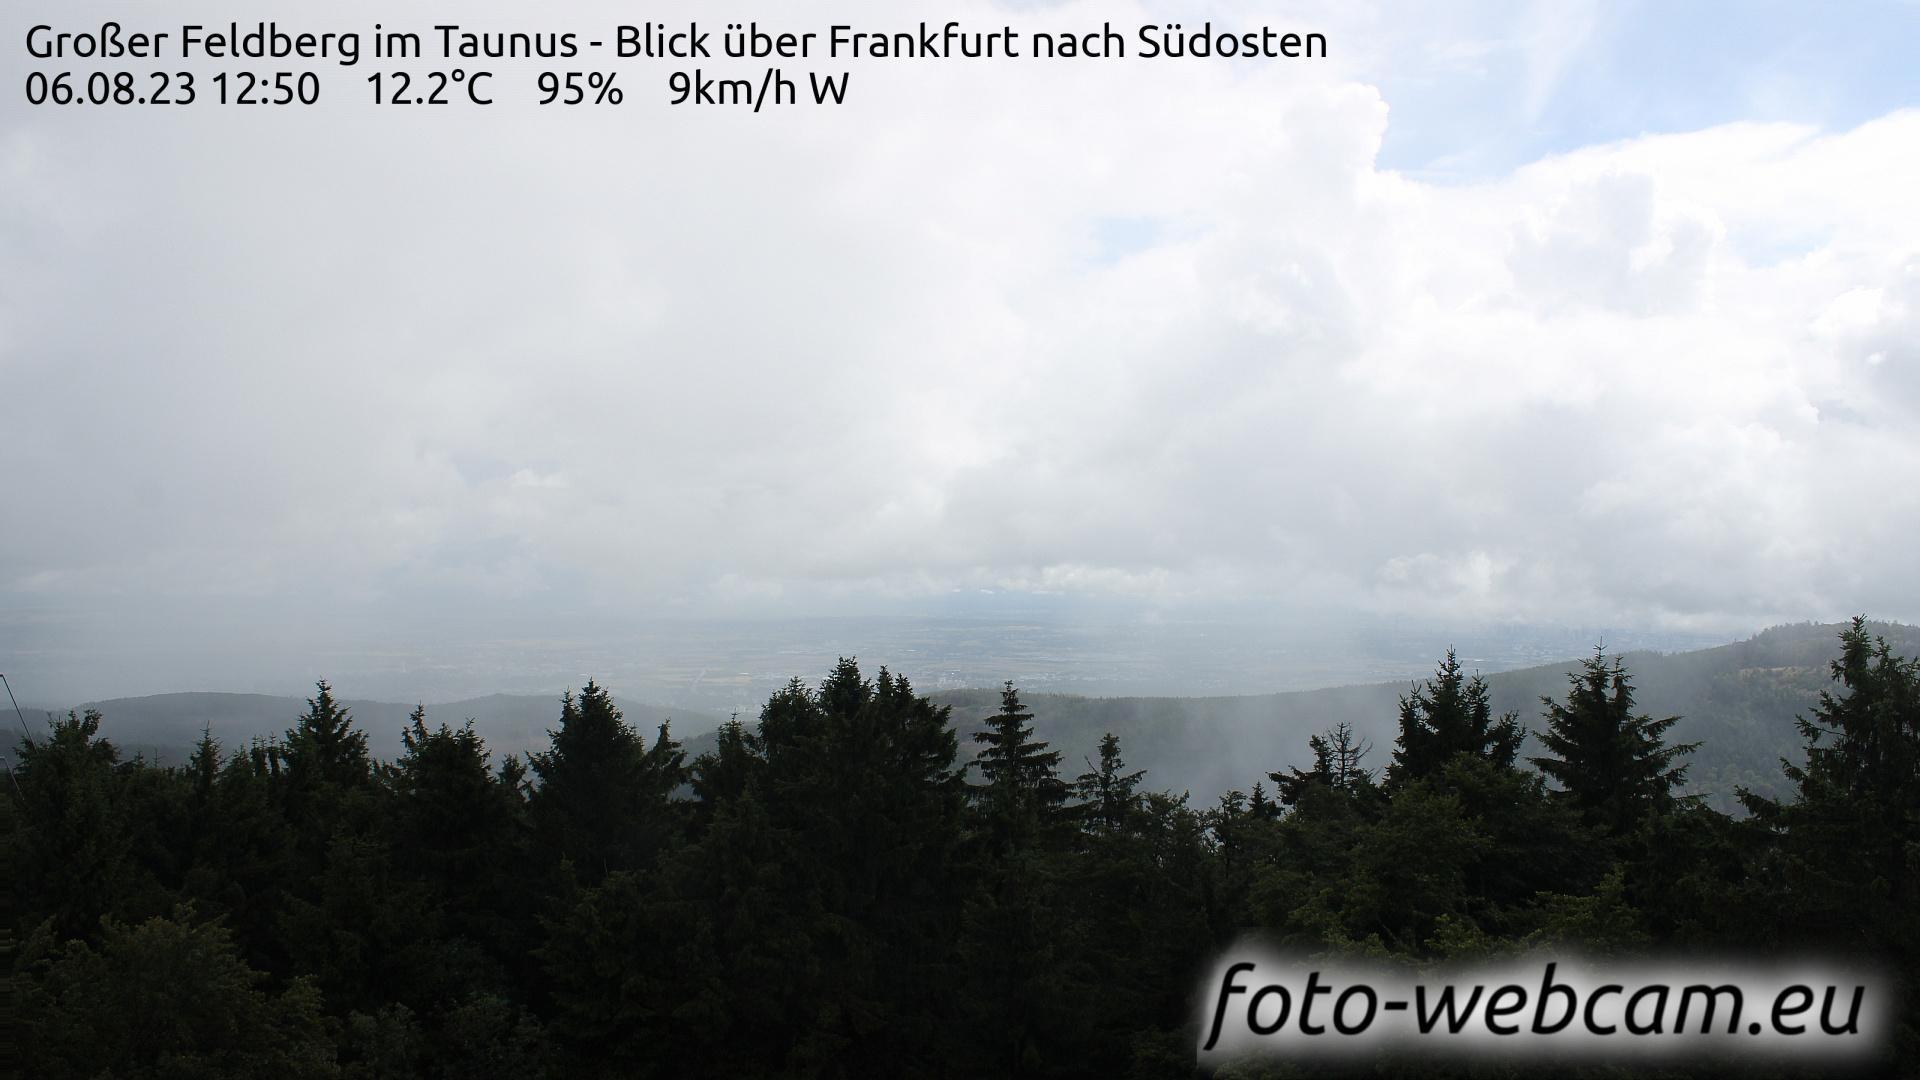 großer feldberg taunus webcam